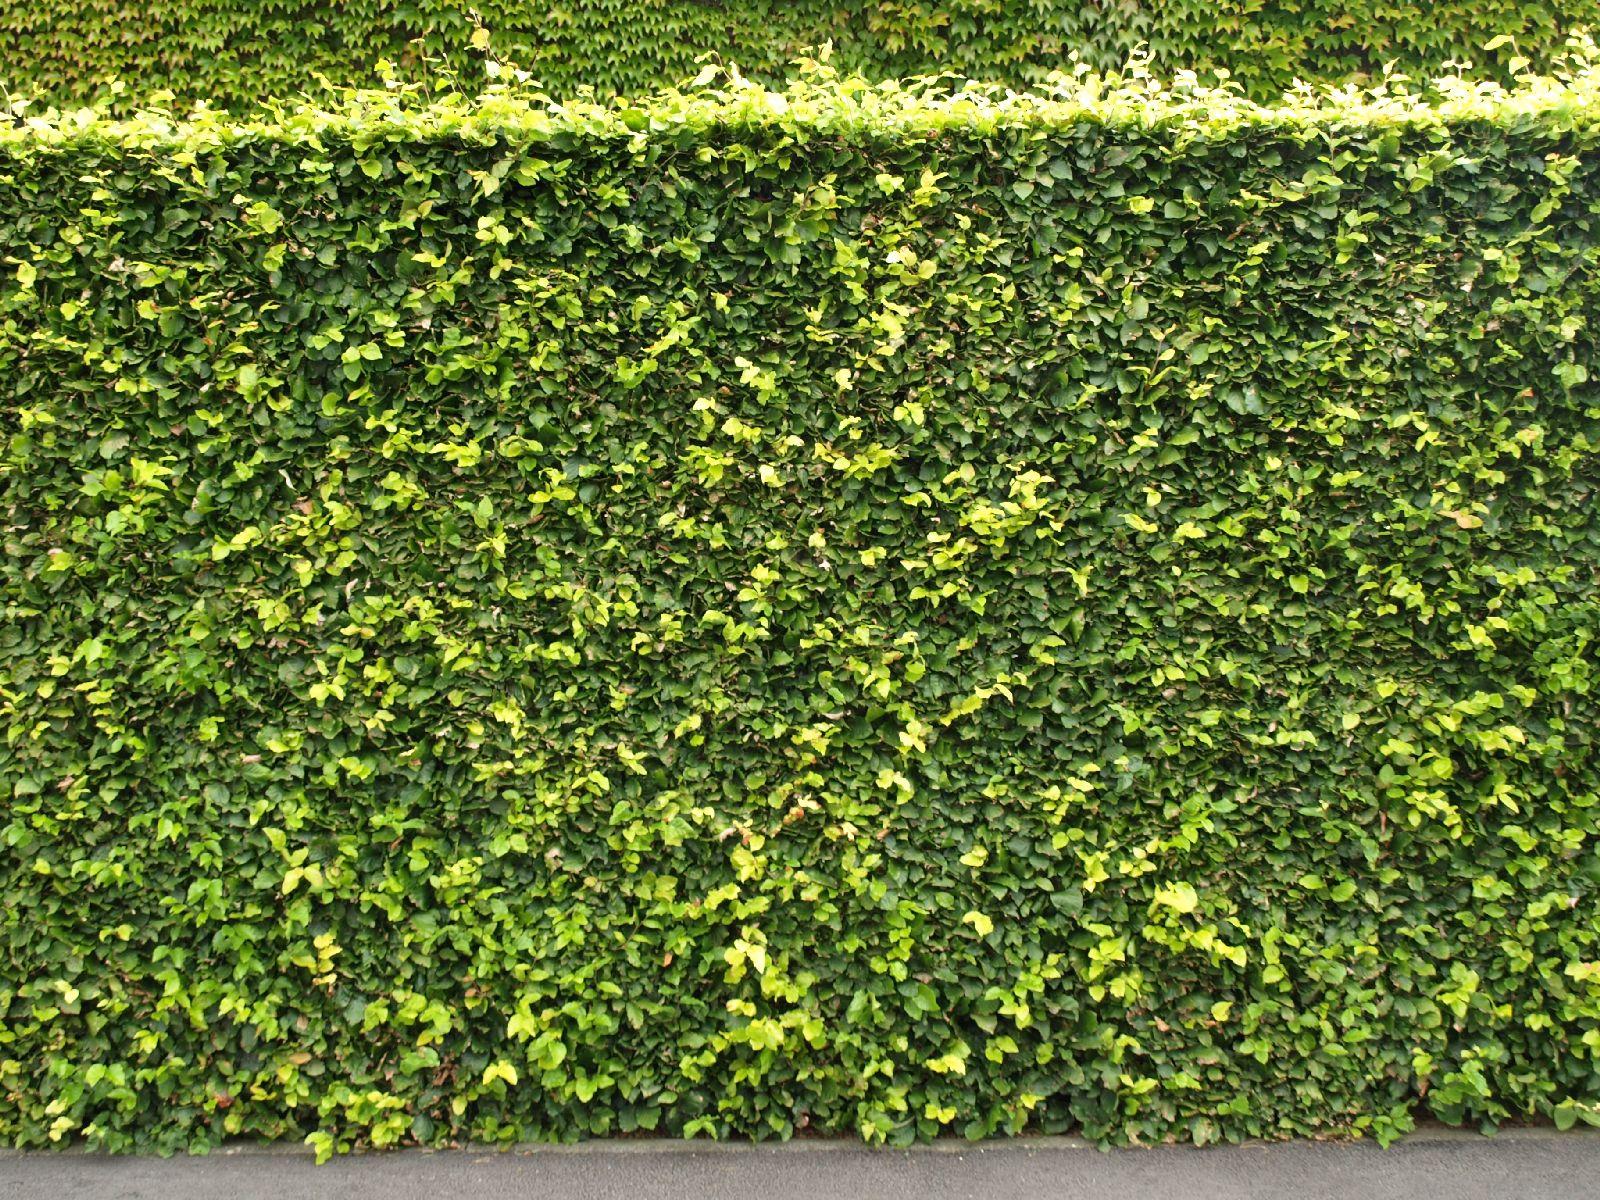 Pflanzen-Hecken-Foto_Textur_B_P8174463